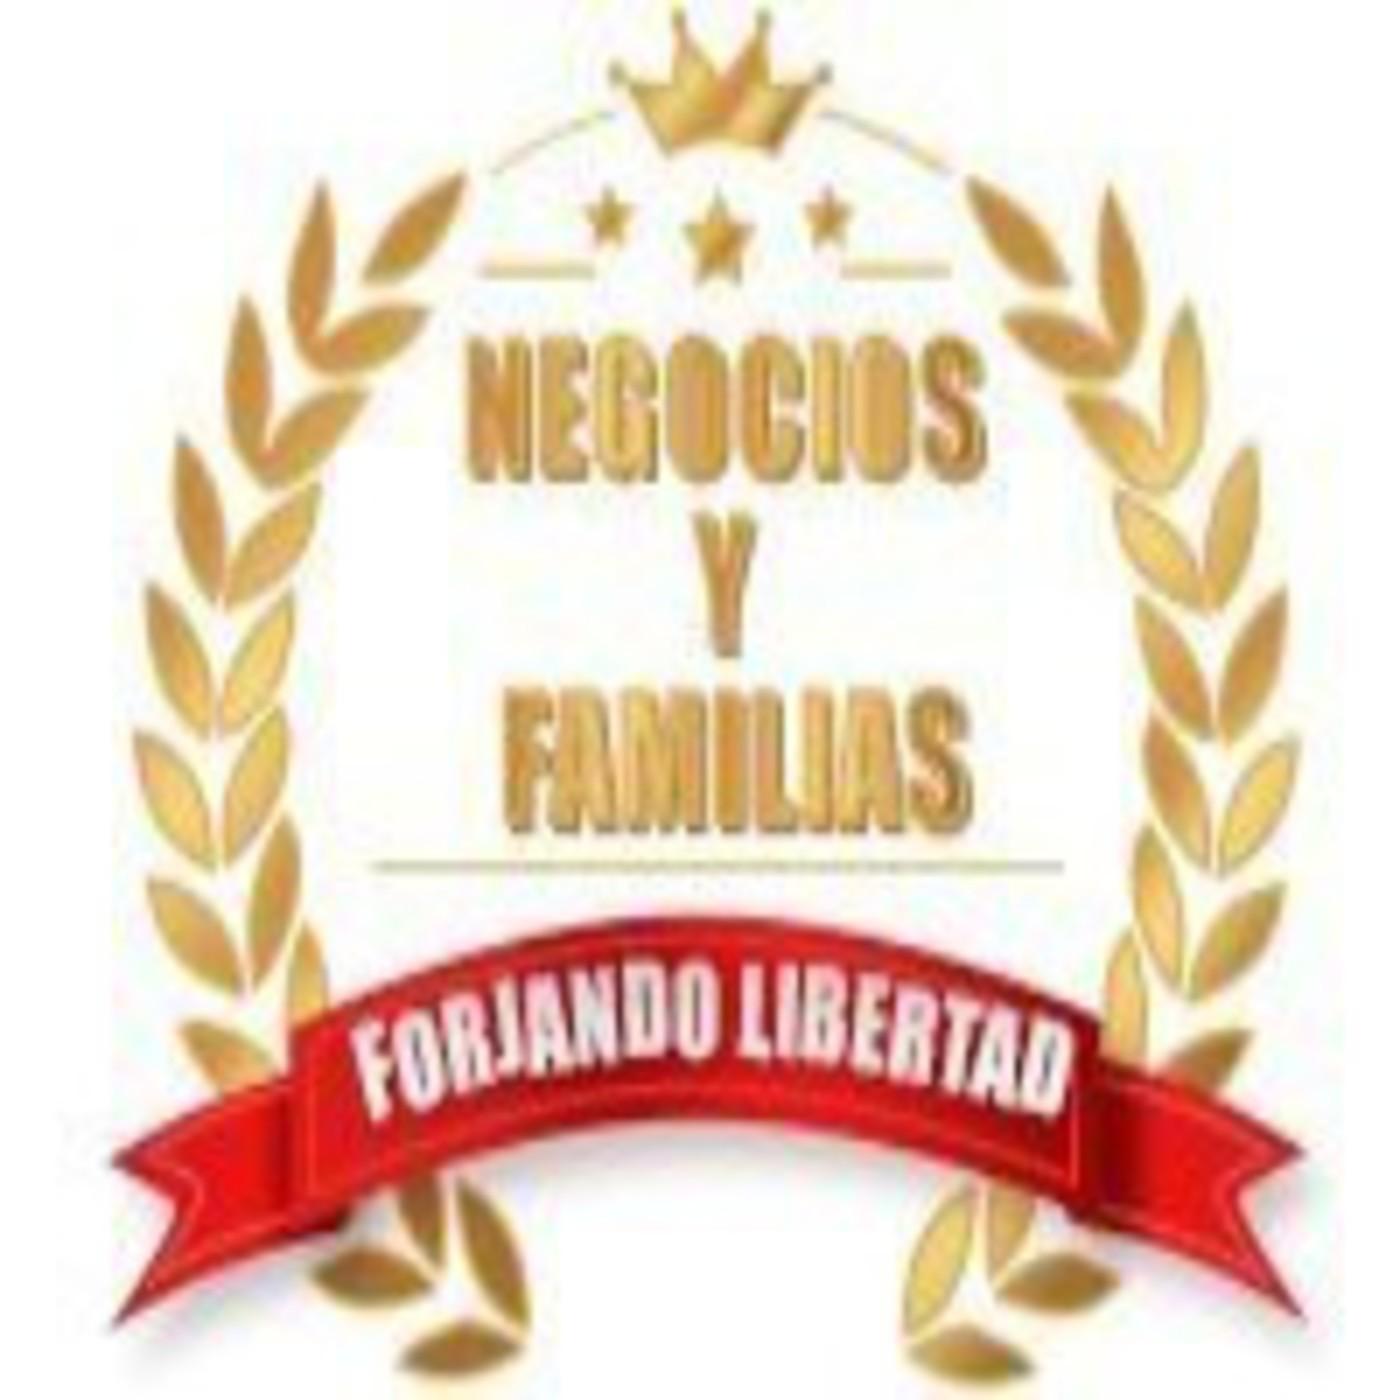 Lourdes Enriquez - Vuela por tus Sueños